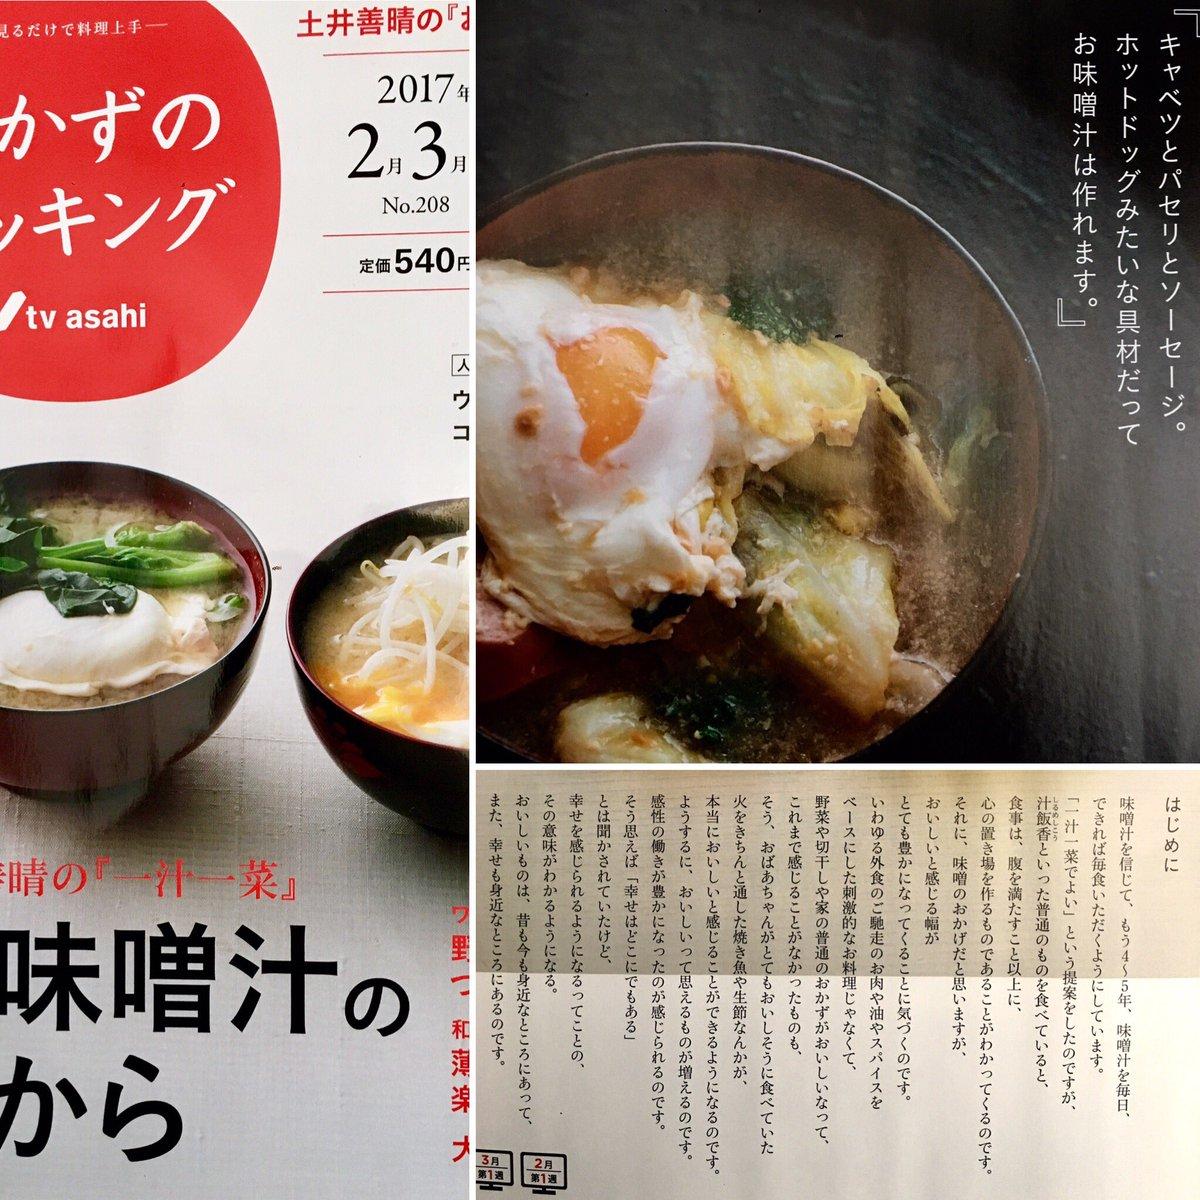 おかずのクッキング 2・3月号 特集「味噌汁のちから」発売  一汁一菜の柱   日常の味噌汁の可能性…